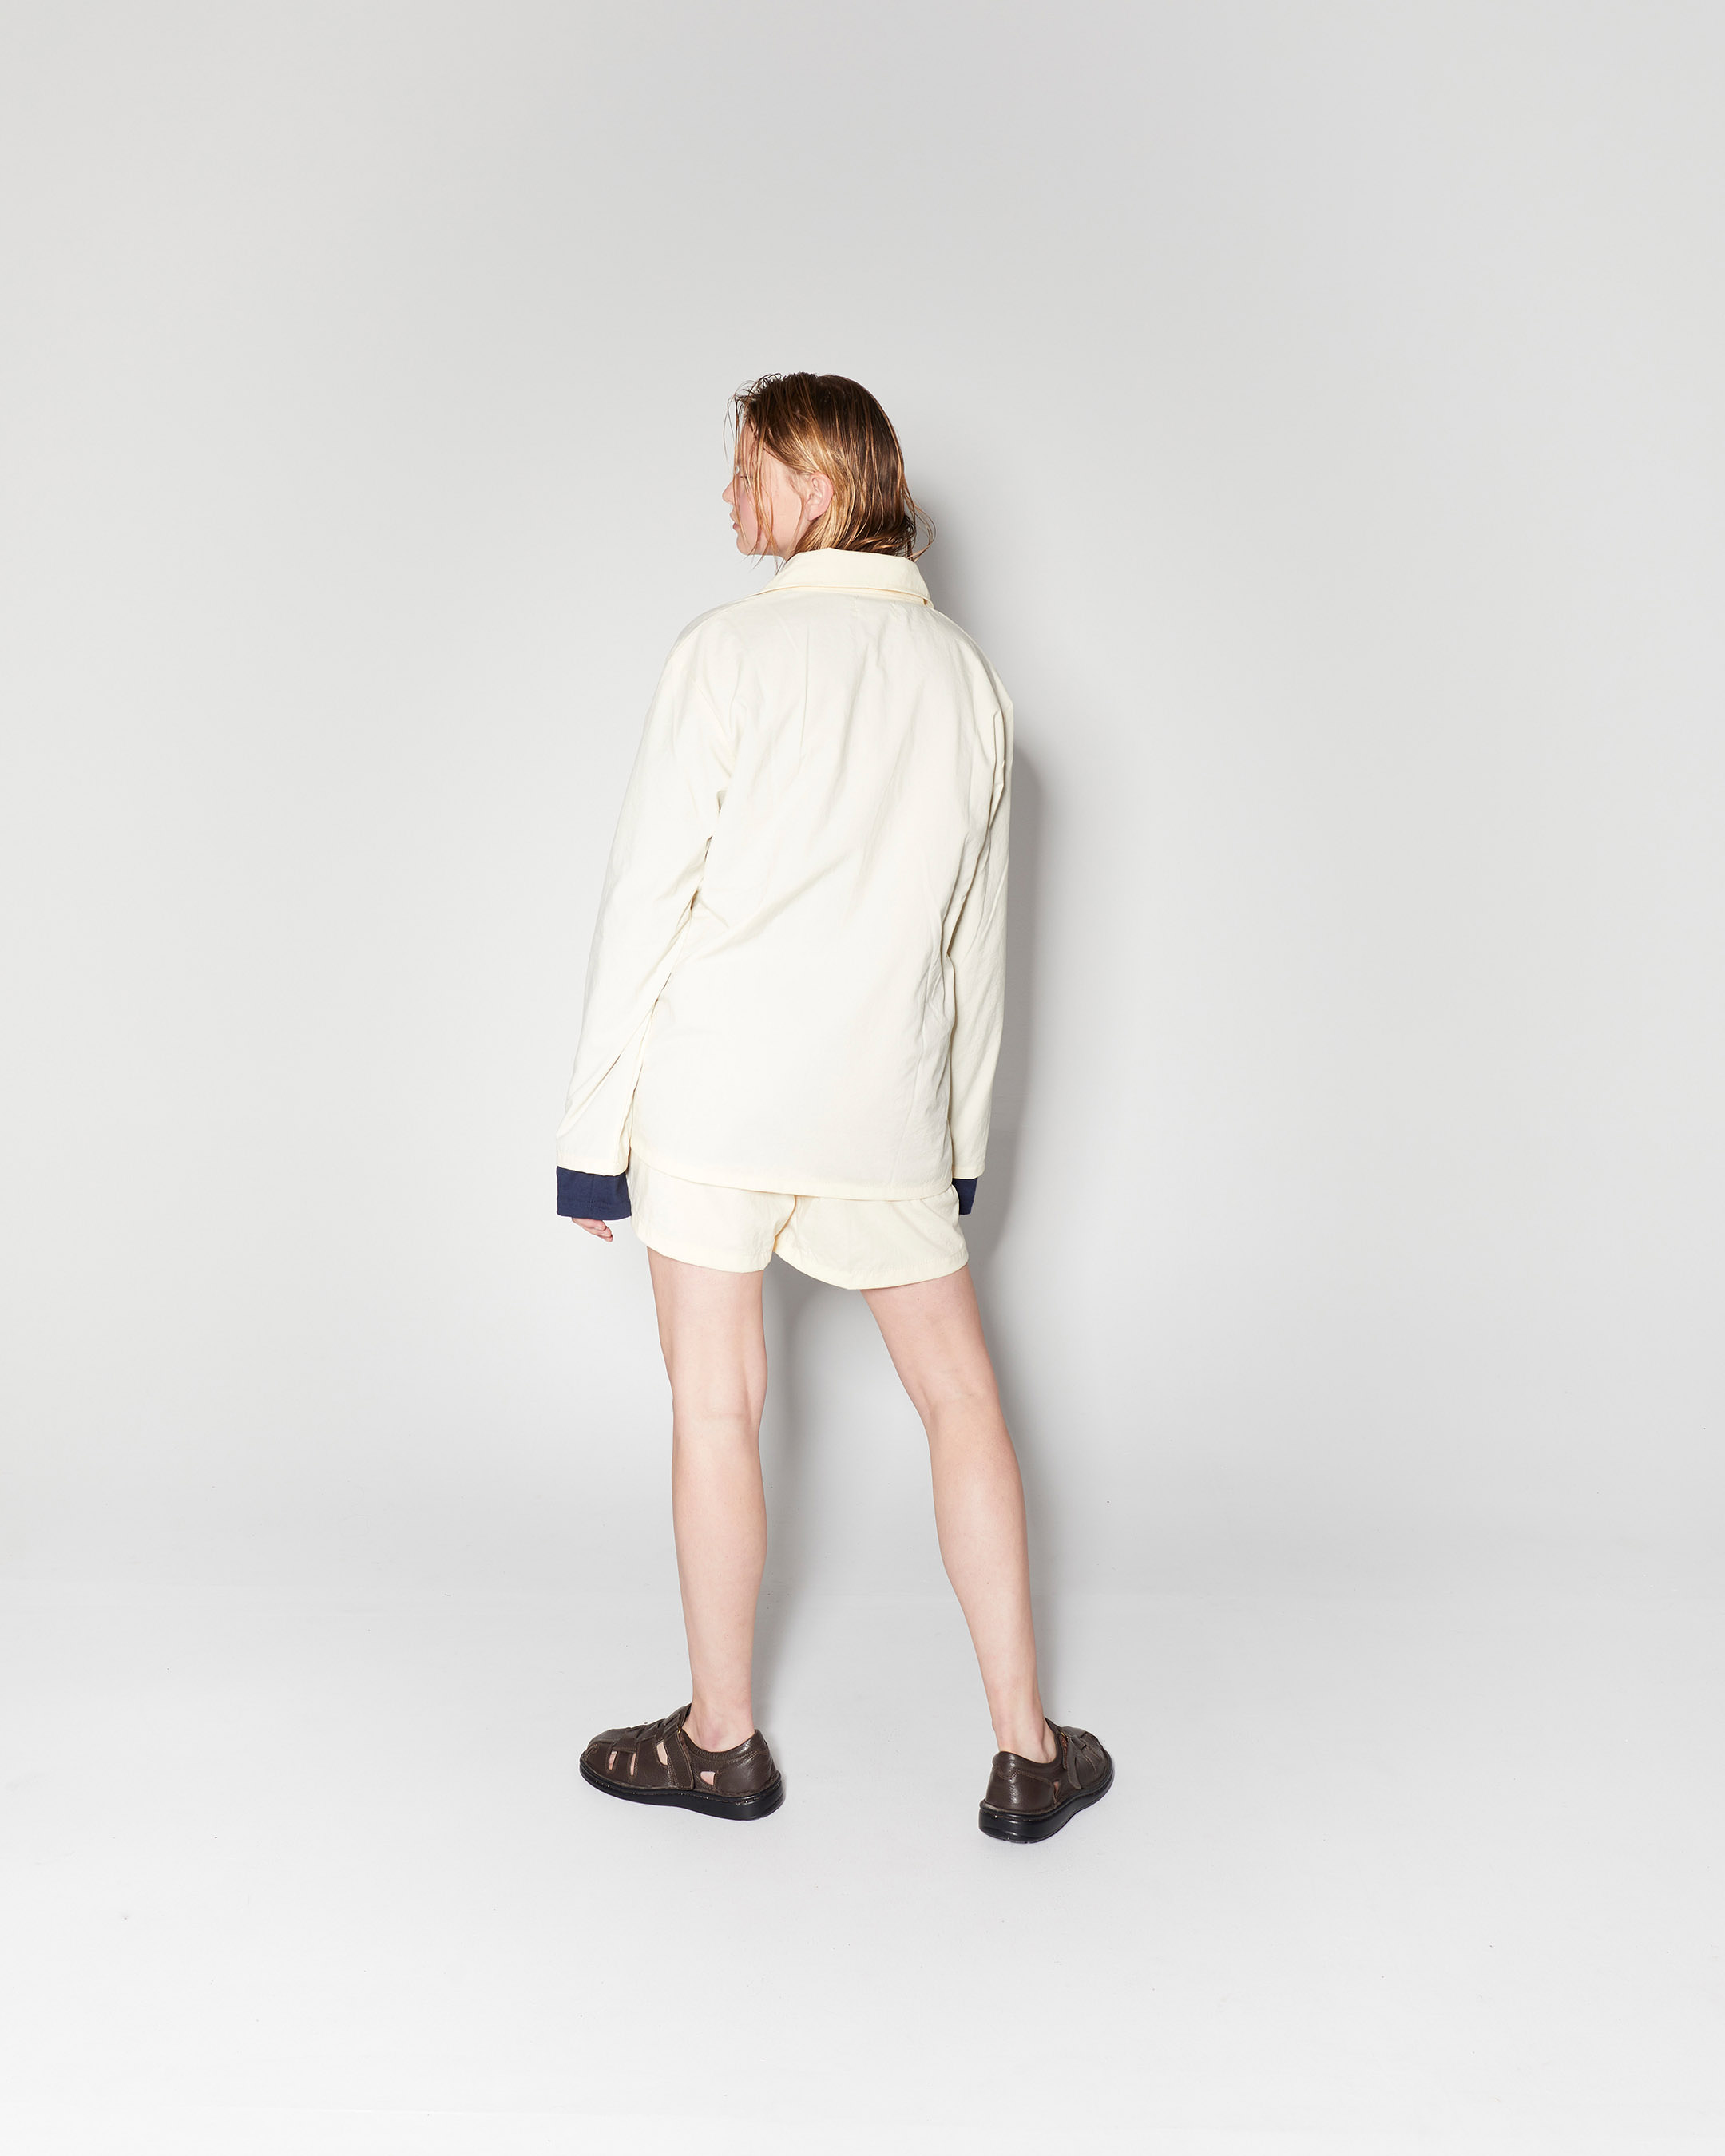 shirts 3  nylon tracksuit beige 210415 ecom 1325